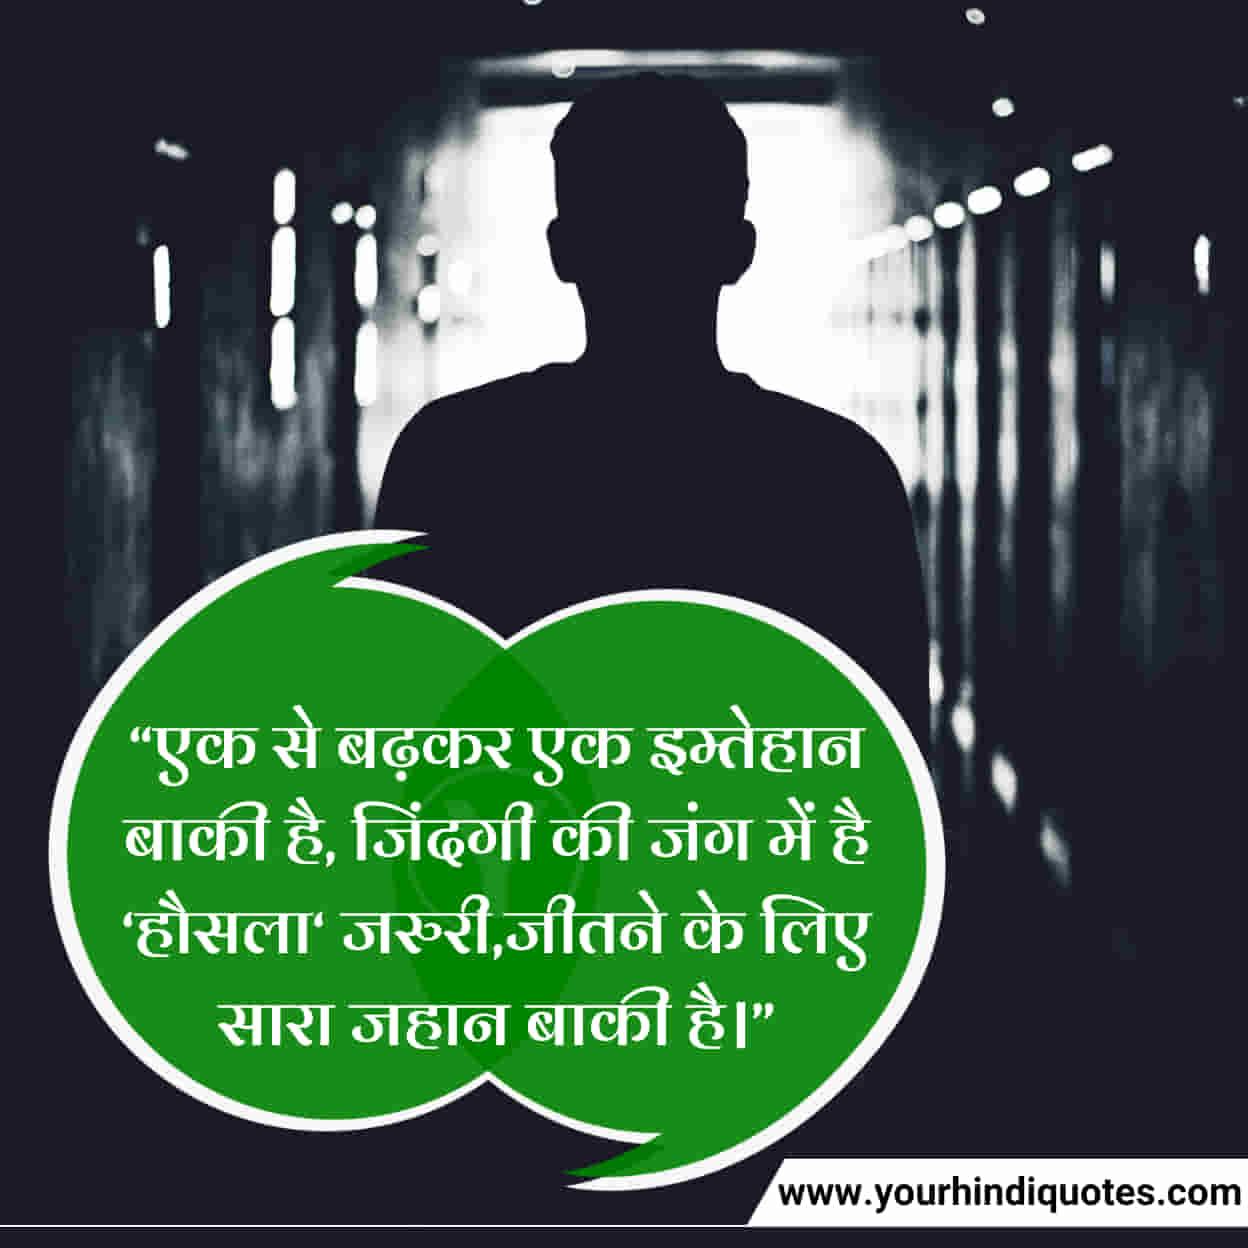 Motivational Best Shayari for Whatsapp Status